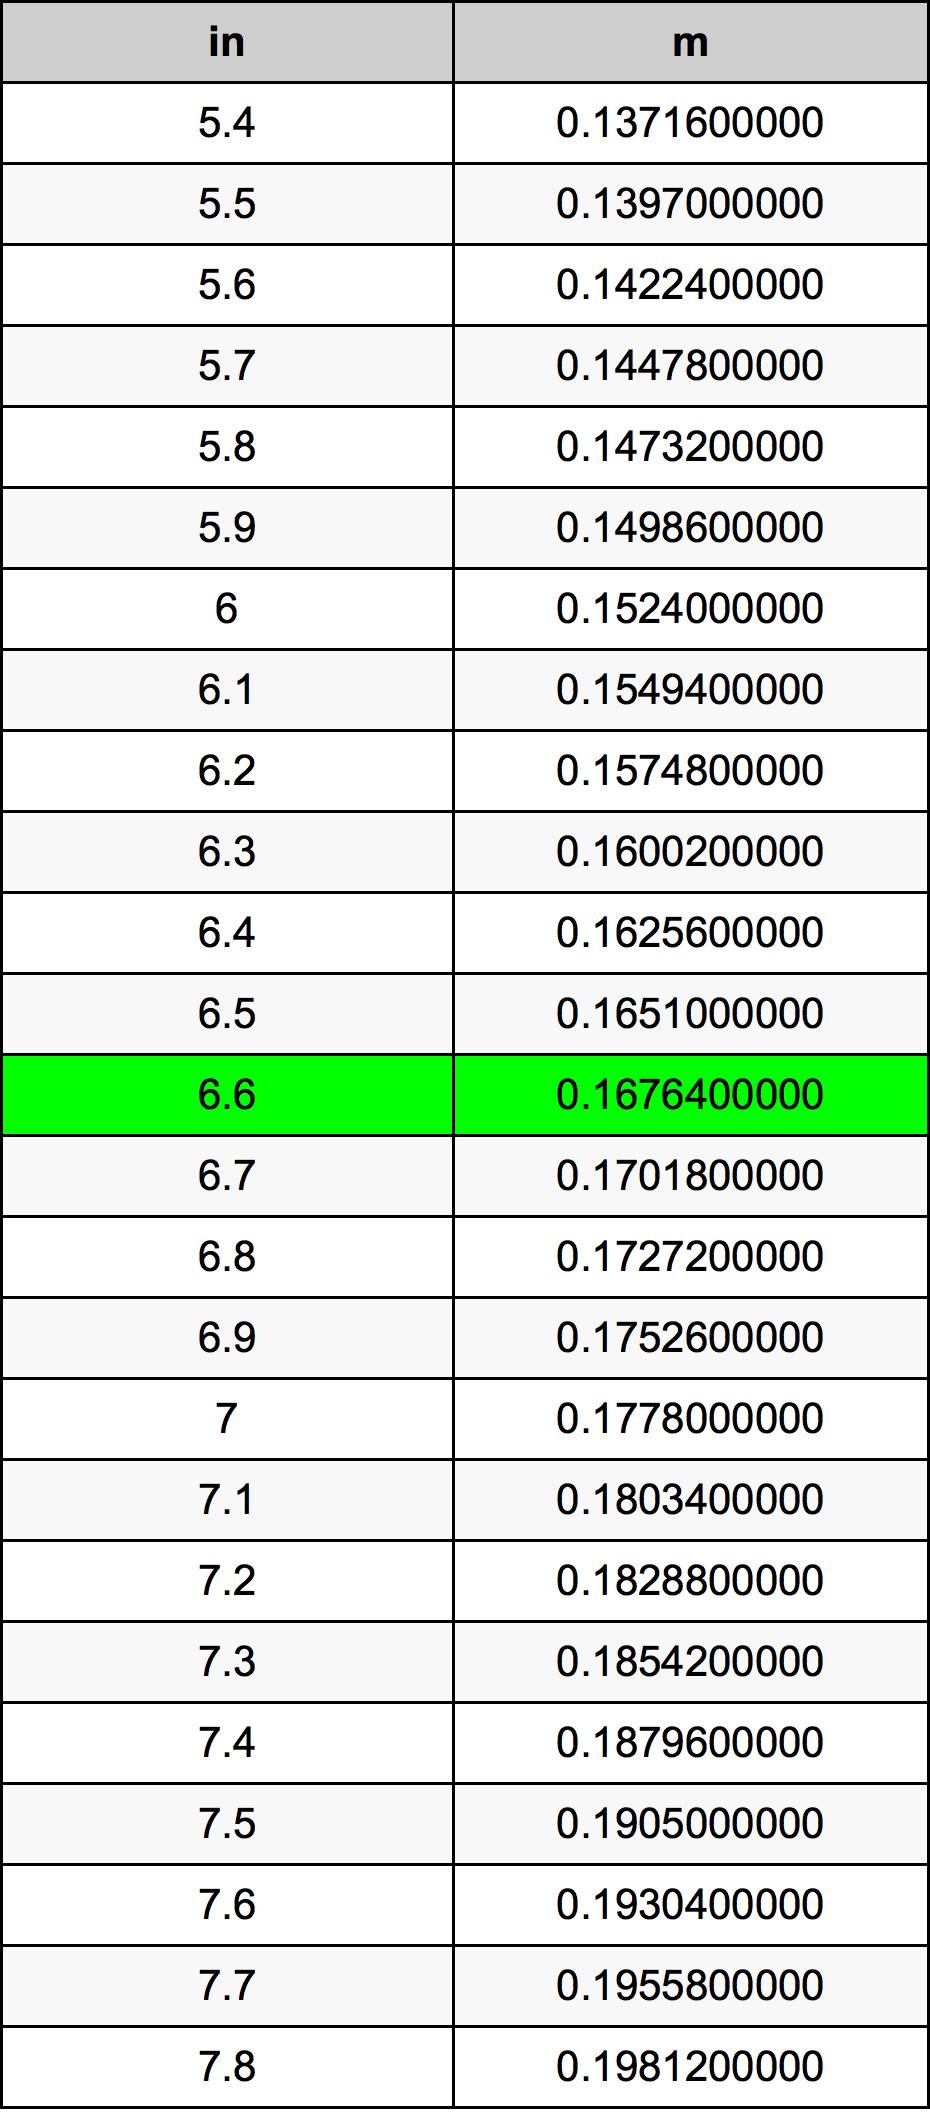 6.6 Polegada tabela de conversão